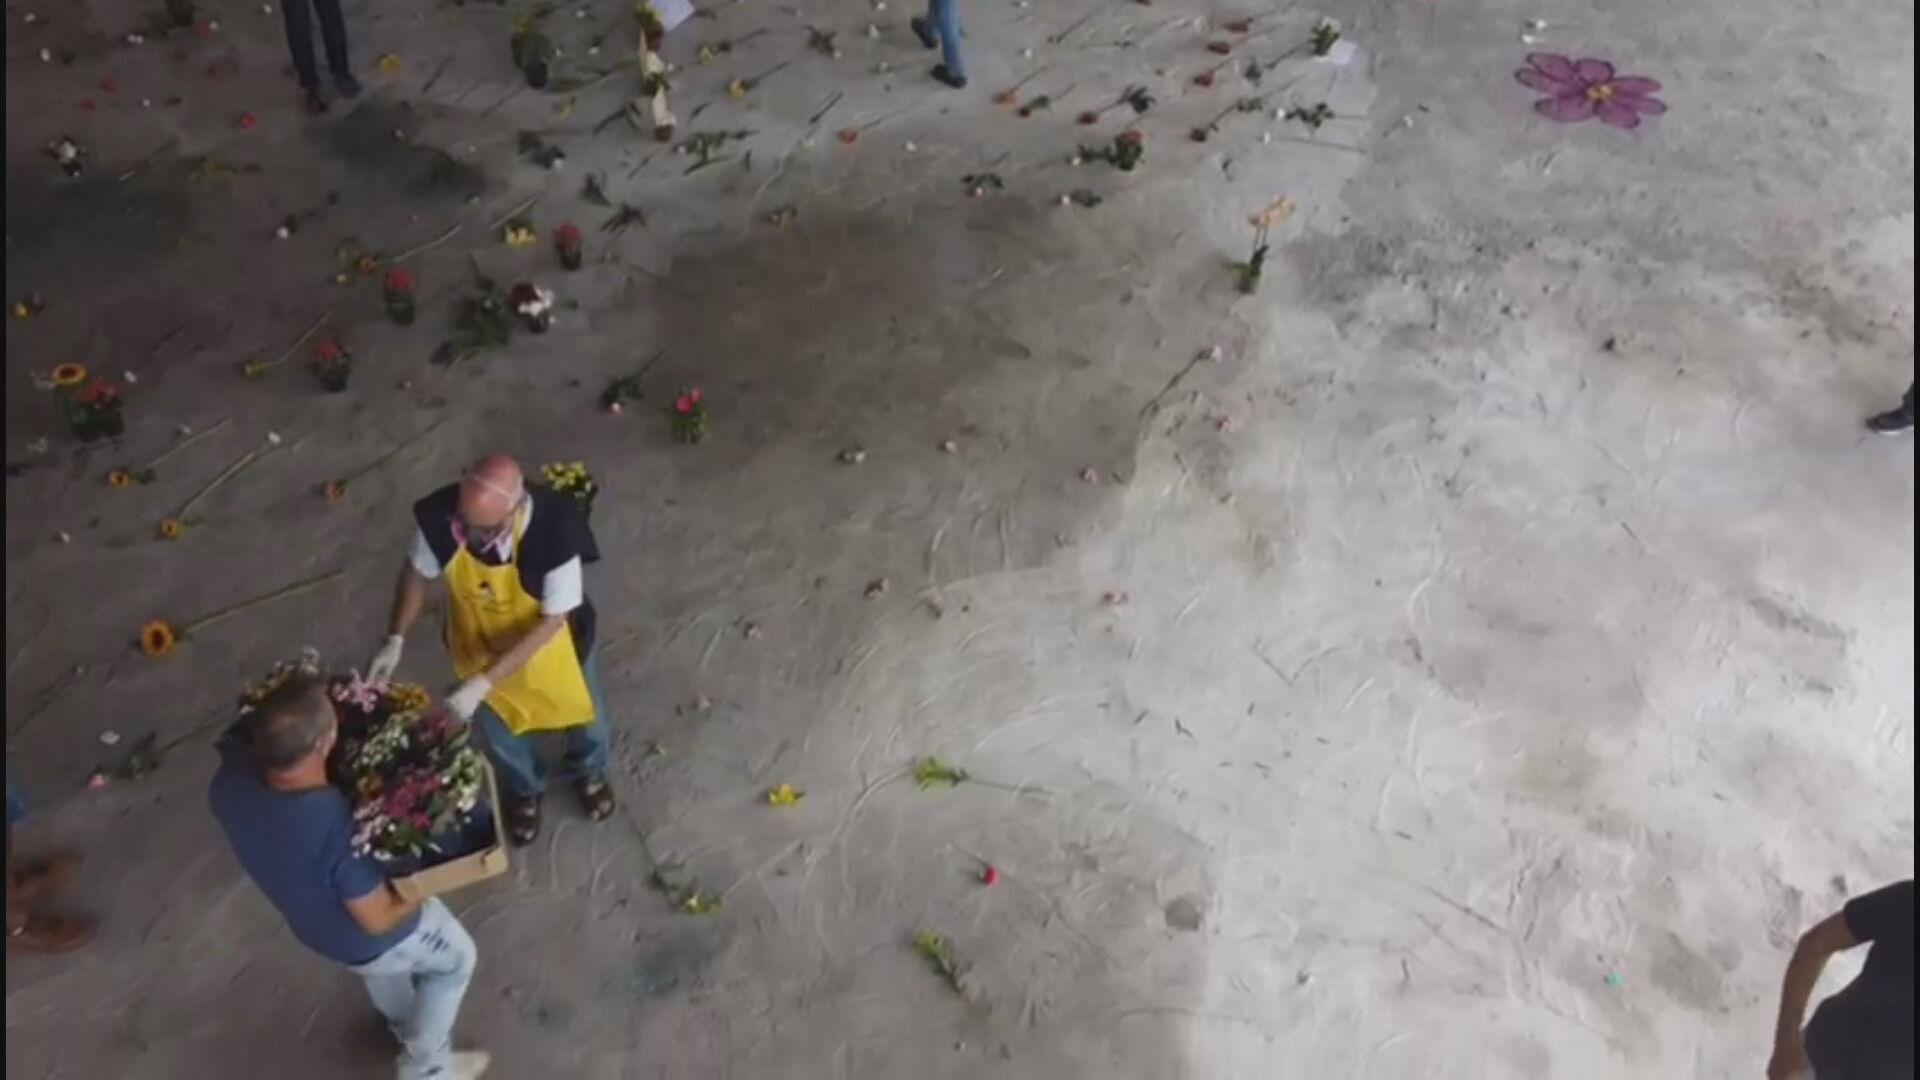 Padre substitui pedras por flores debaixo de viaduto de São Paulo